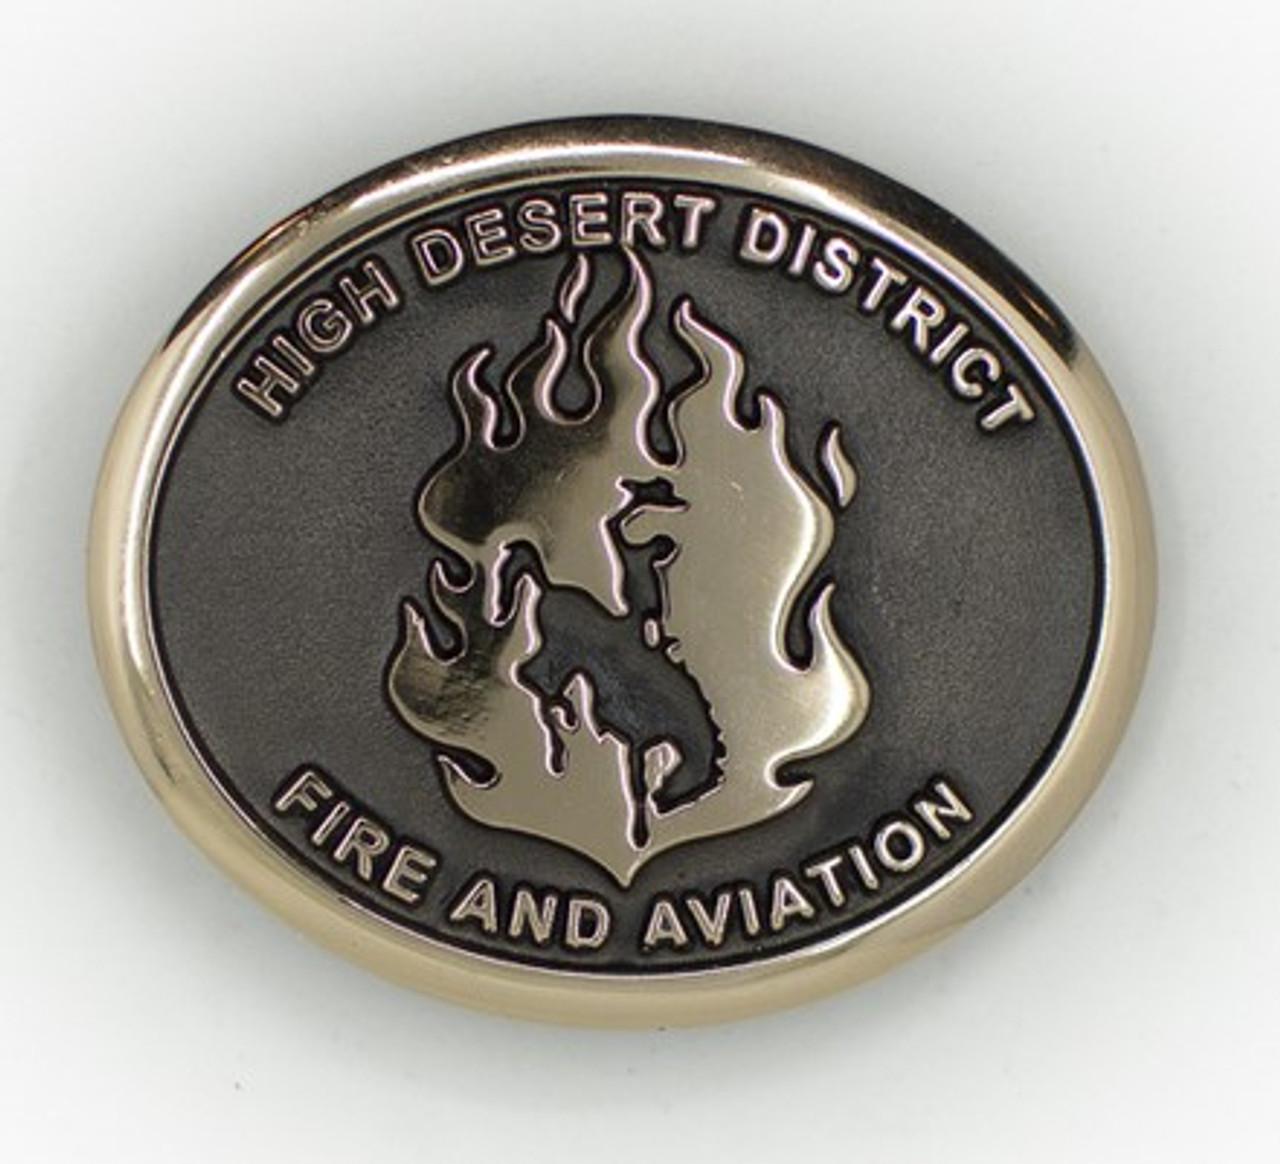 High Desert District Fire & Aviation Buckle